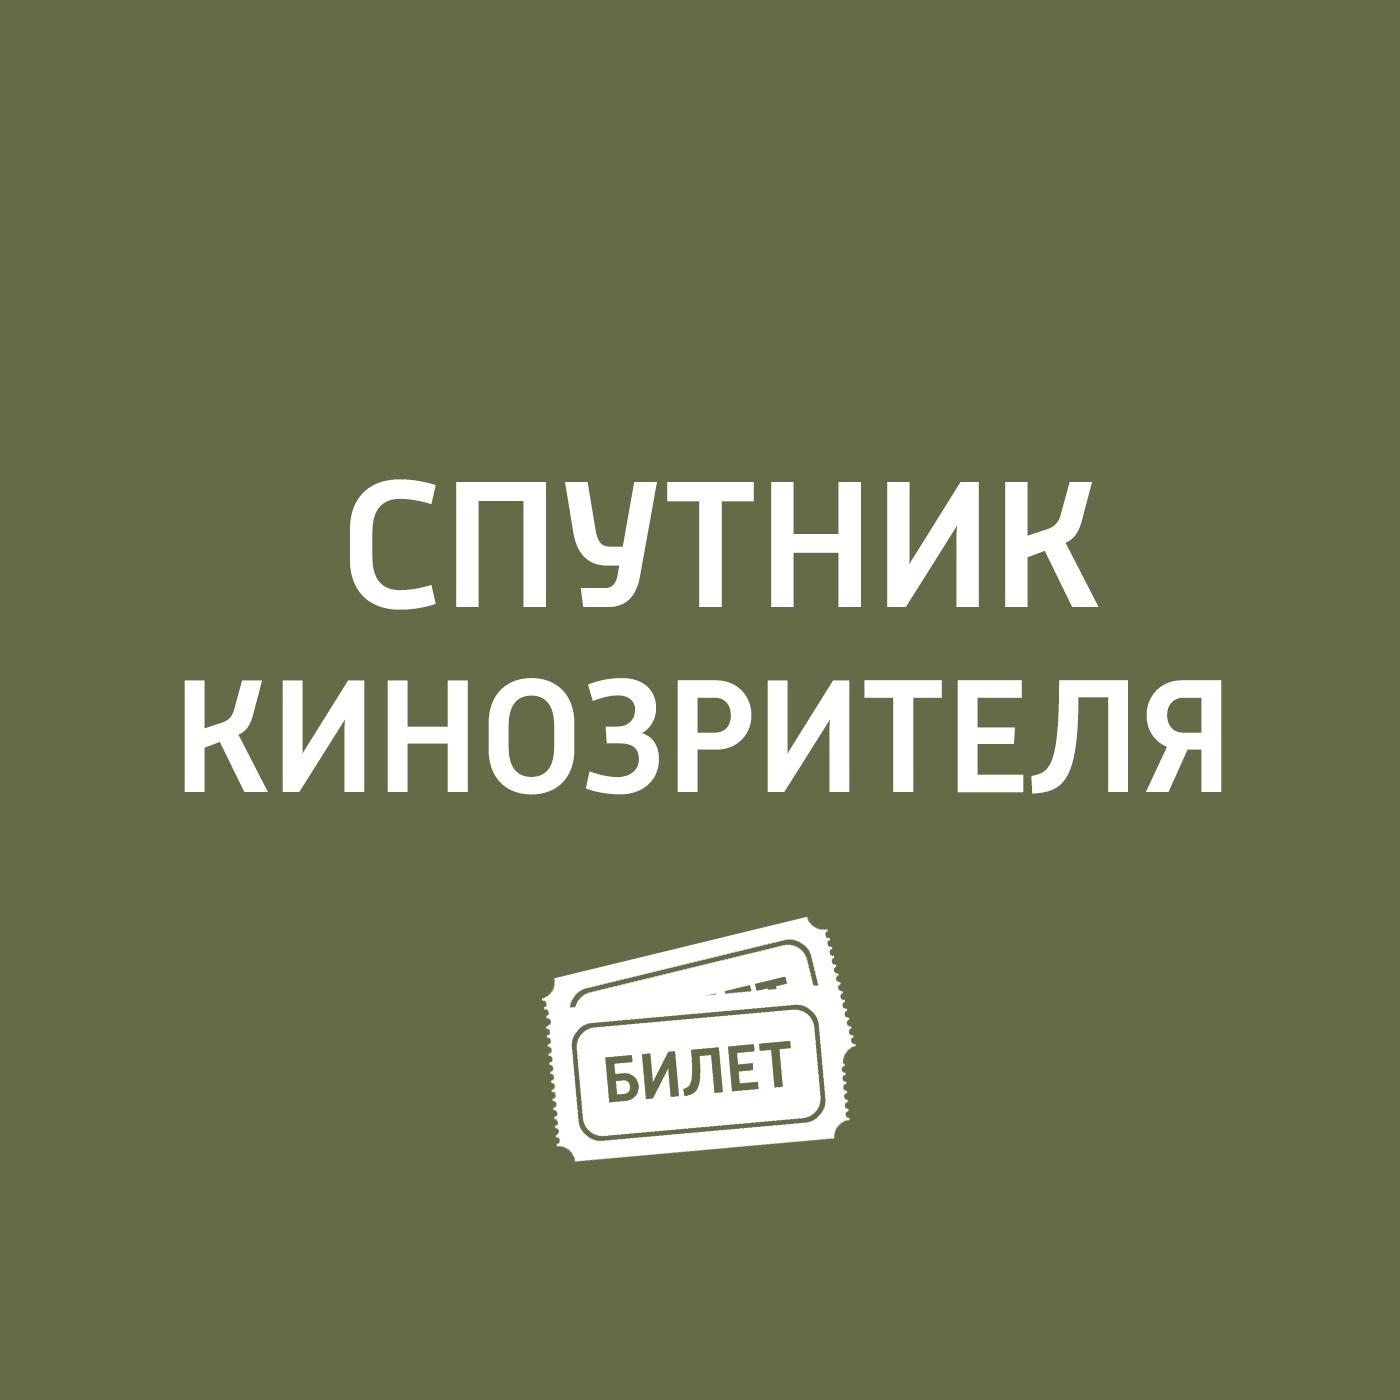 Антон Долин Курьер из «Рая, «Шоппинг-тур, «Каньоны тур гавр 22 августа 2017 прогноз